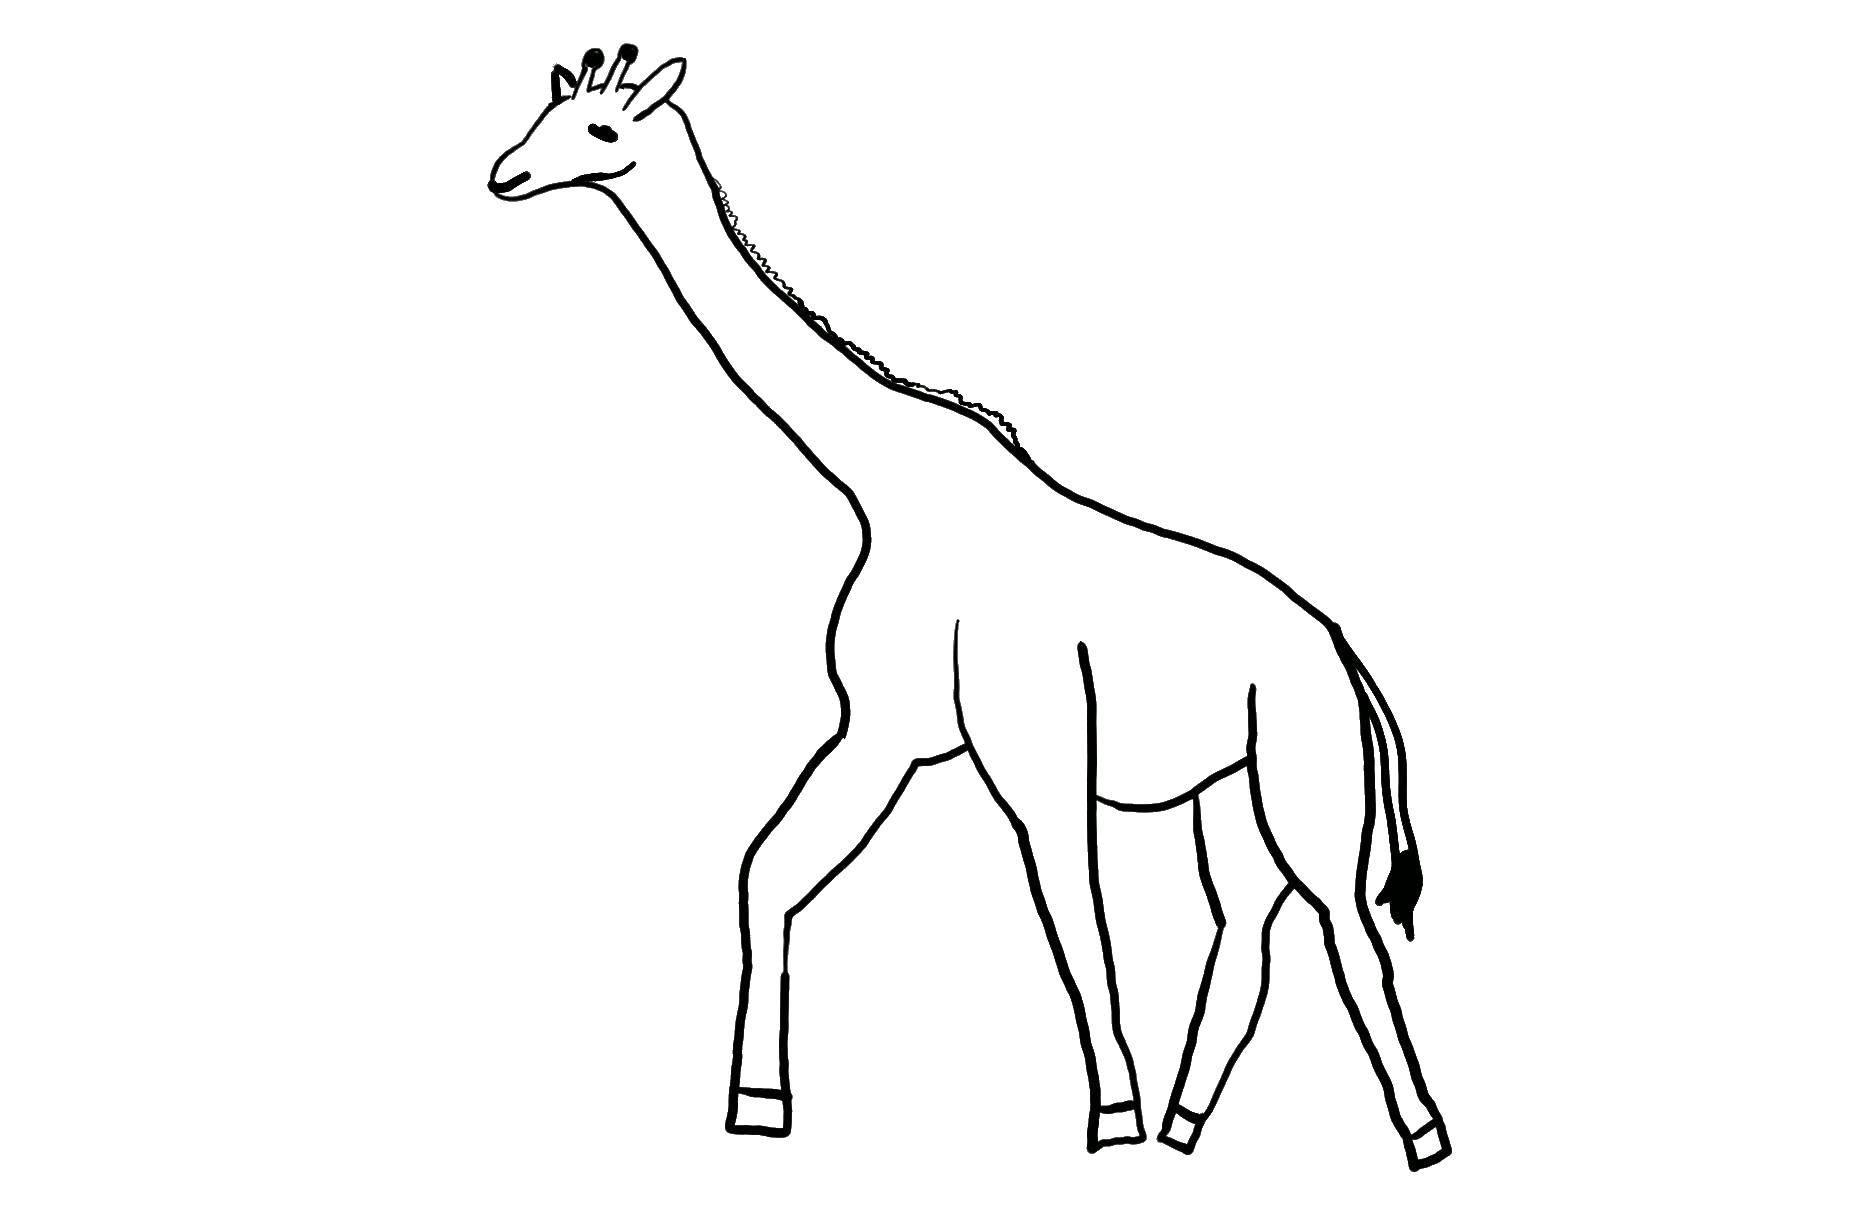 Раскраска Контур жирафа для вырезания Скачать Рептилия, лягушка.  Распечатать ,Раскраски для малышей,